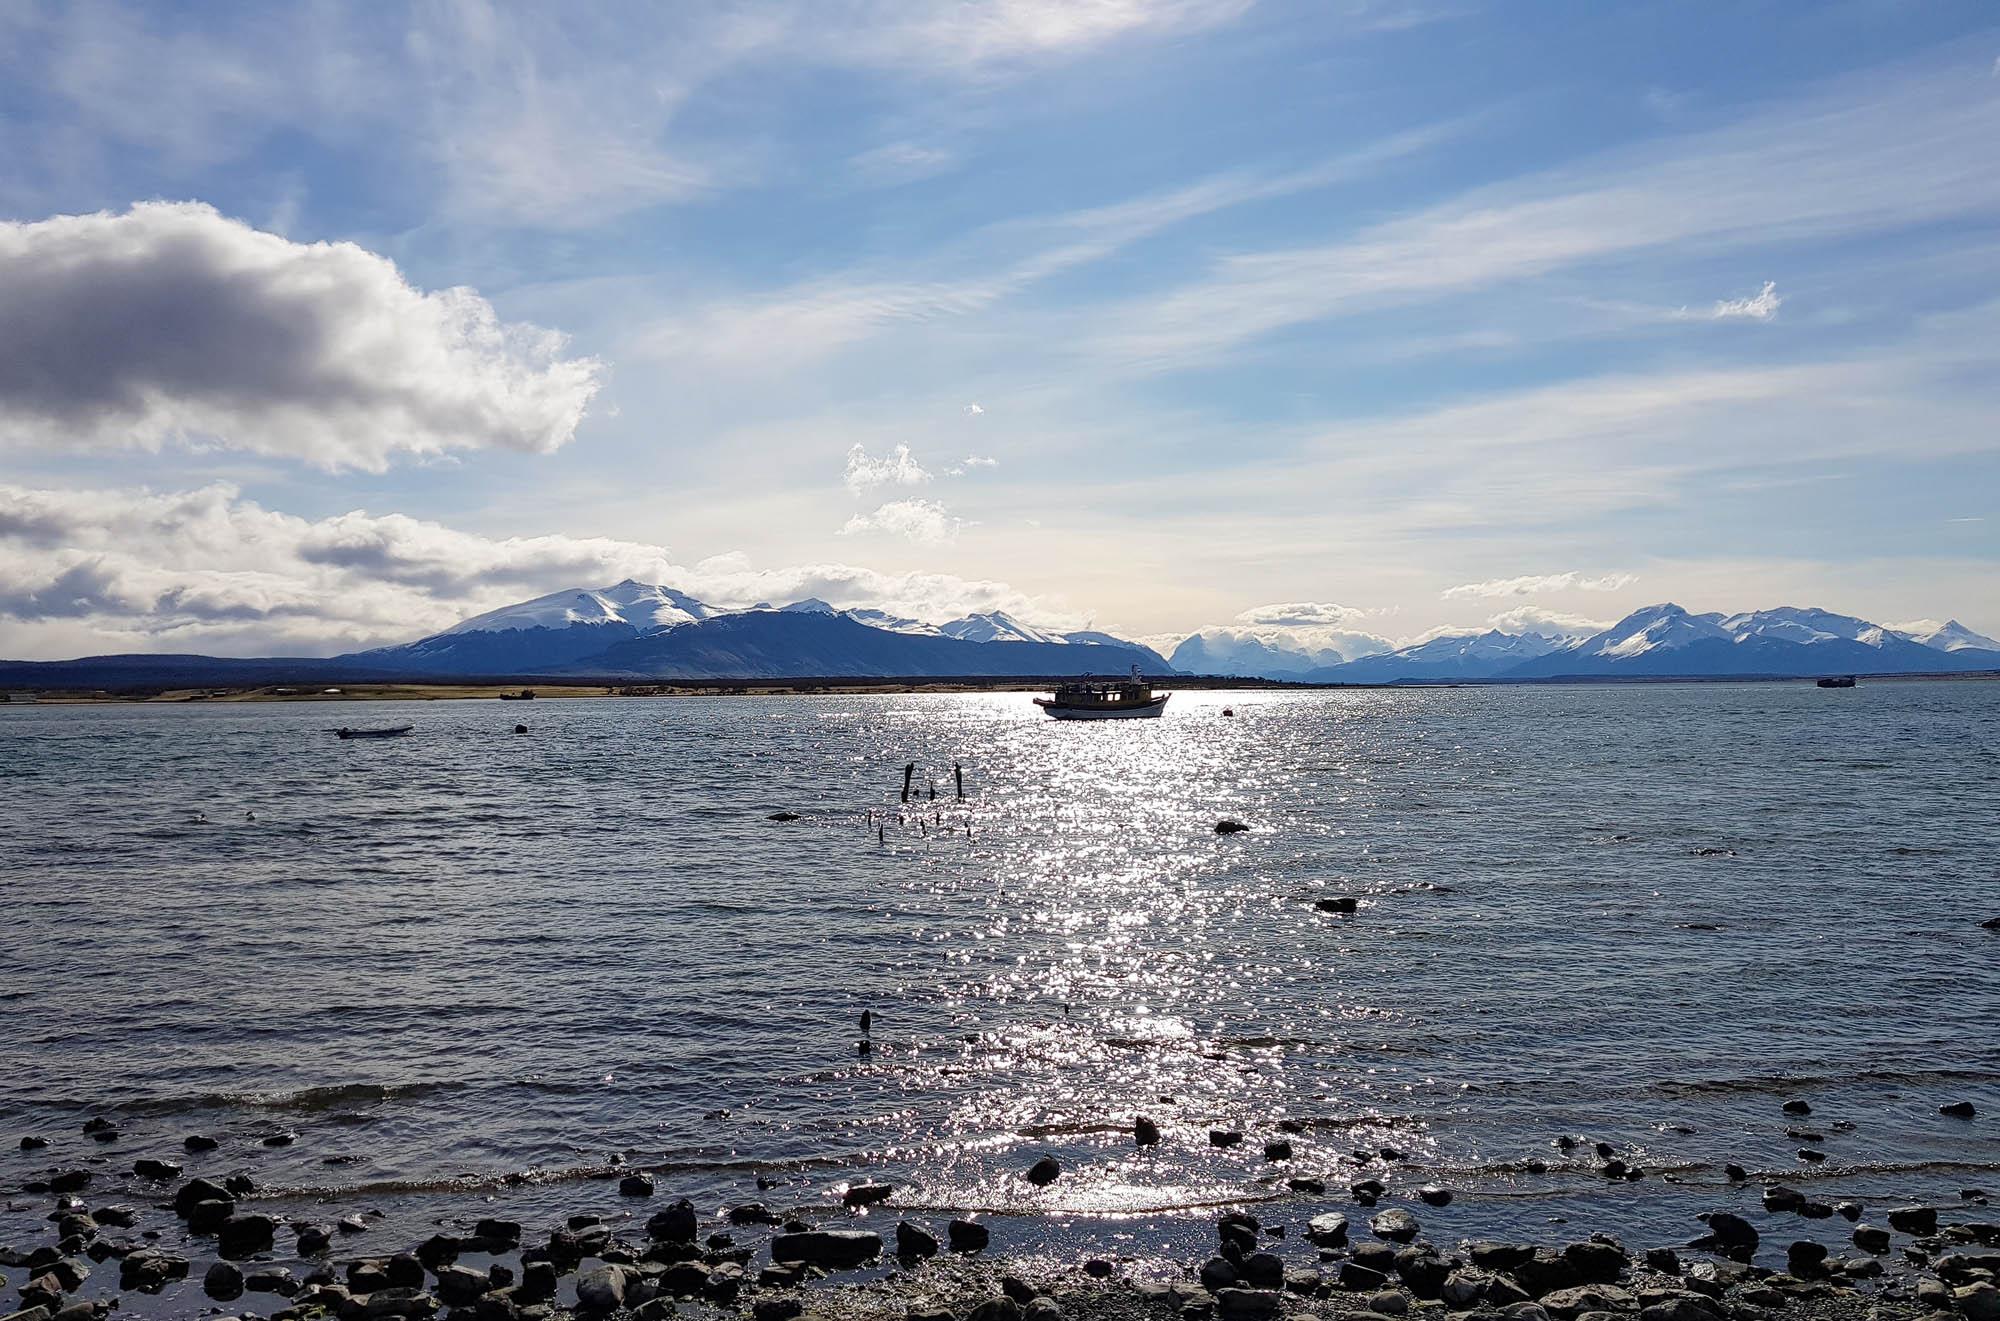 Traumlandschaft unmittelbar vor dem Hotel in Puerto Natales